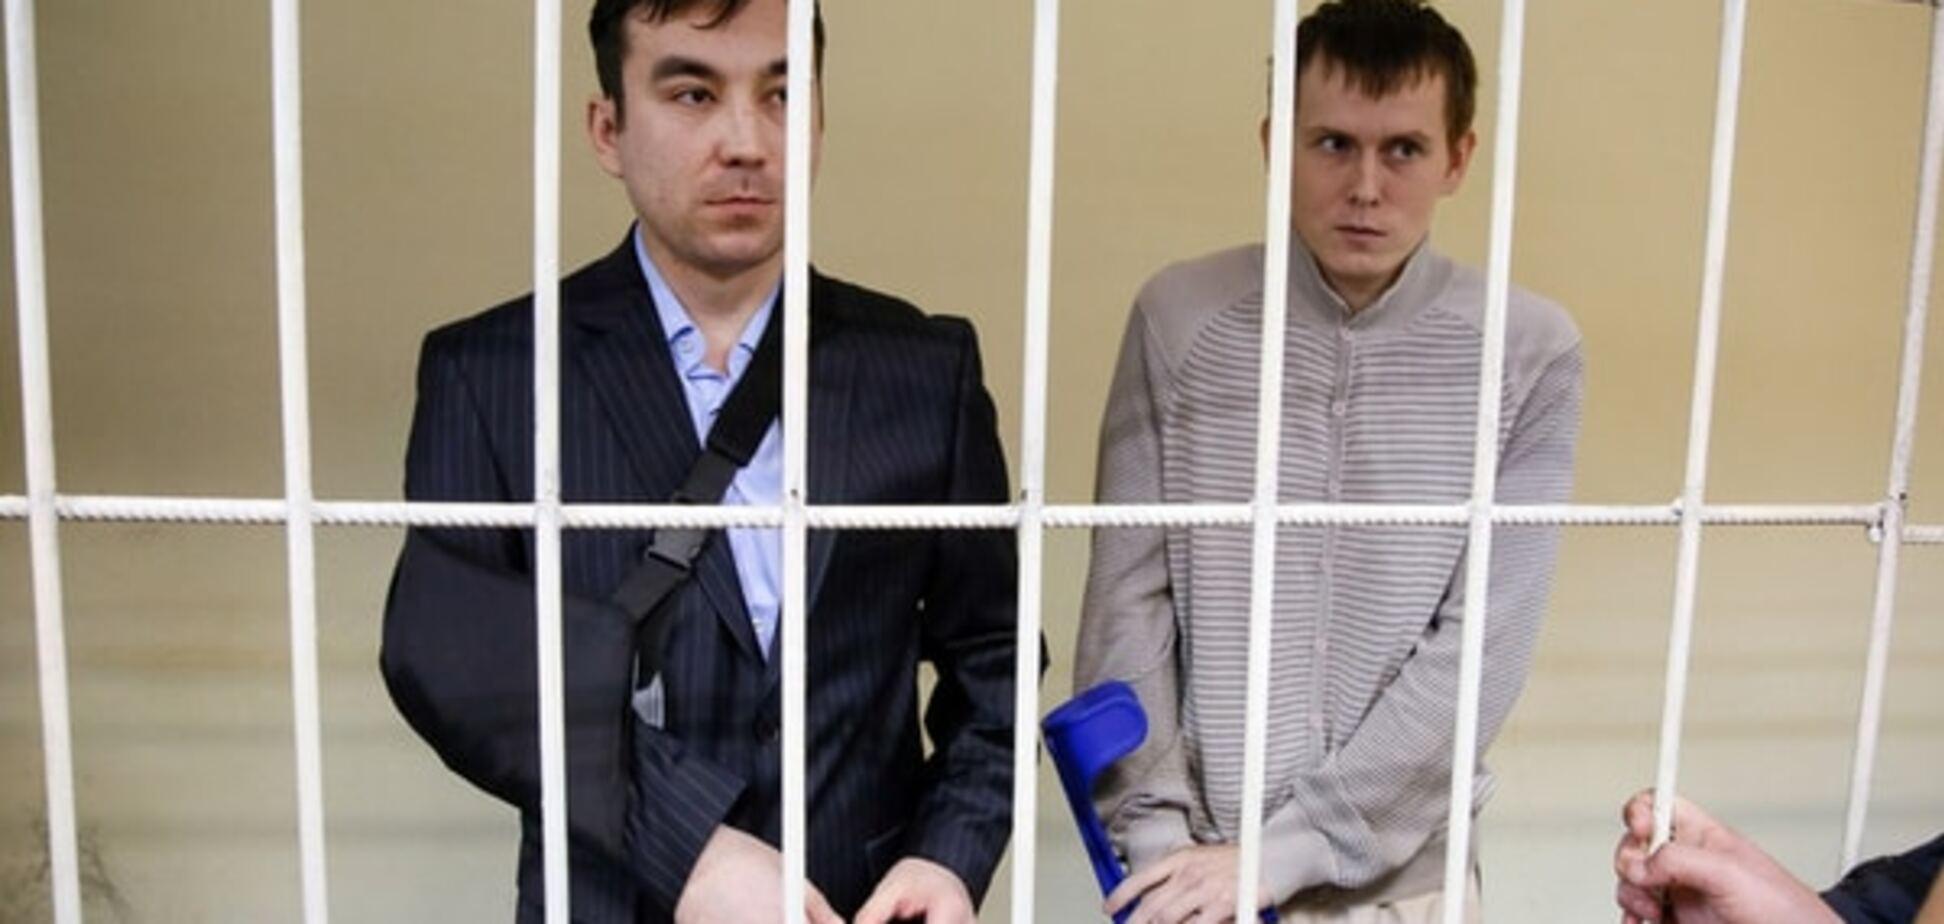 Точно не Савченко: адвокат розповів, на кого можуть обміняти полонених ГРУшників